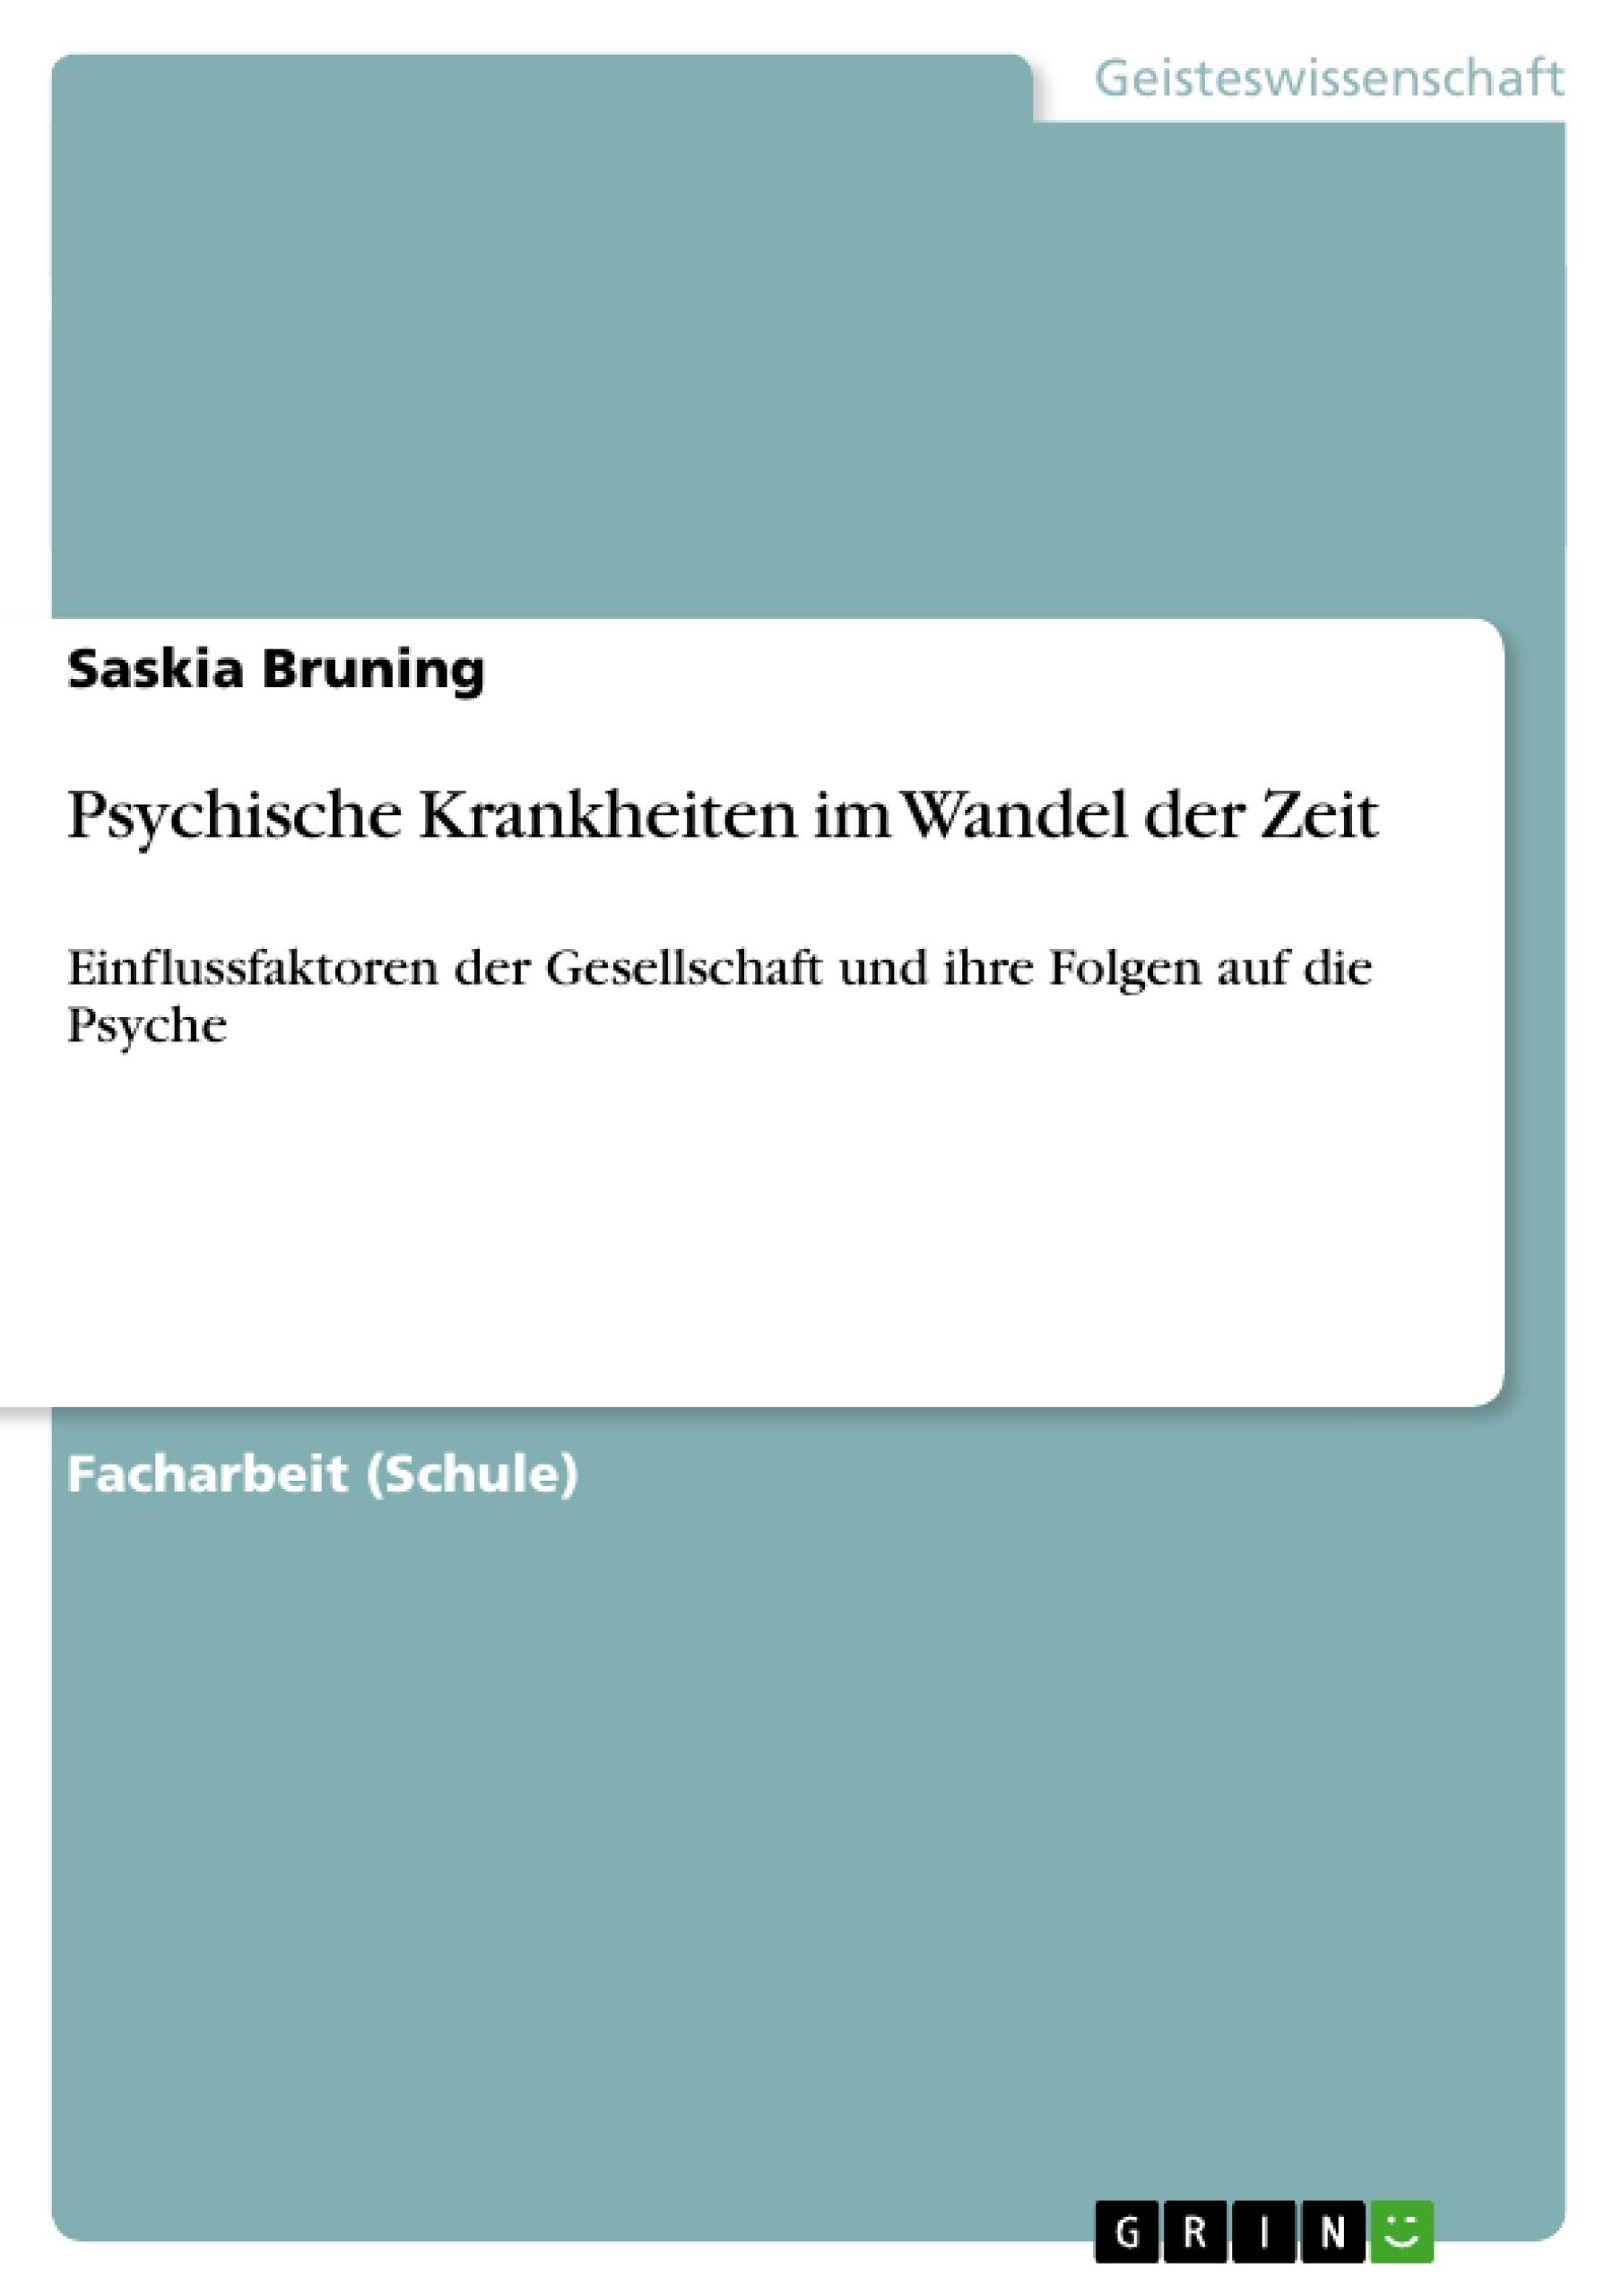 Titel: Psychische Krankheiten im Wandel der Zeit